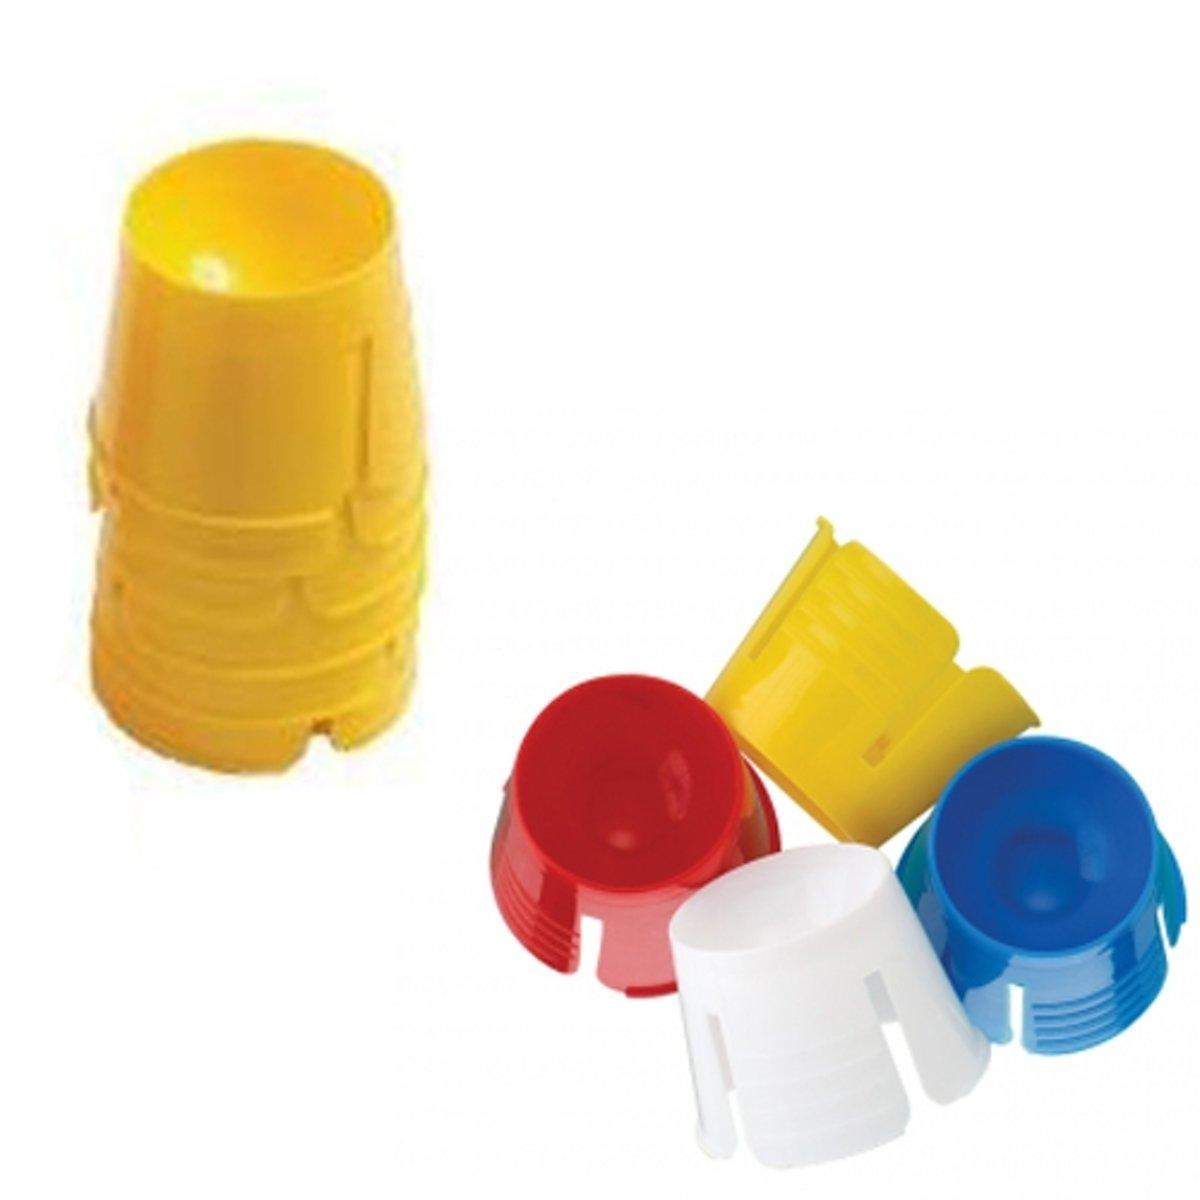 ASA 50x disposable dappenglaasje / dappendish GEEL kopen